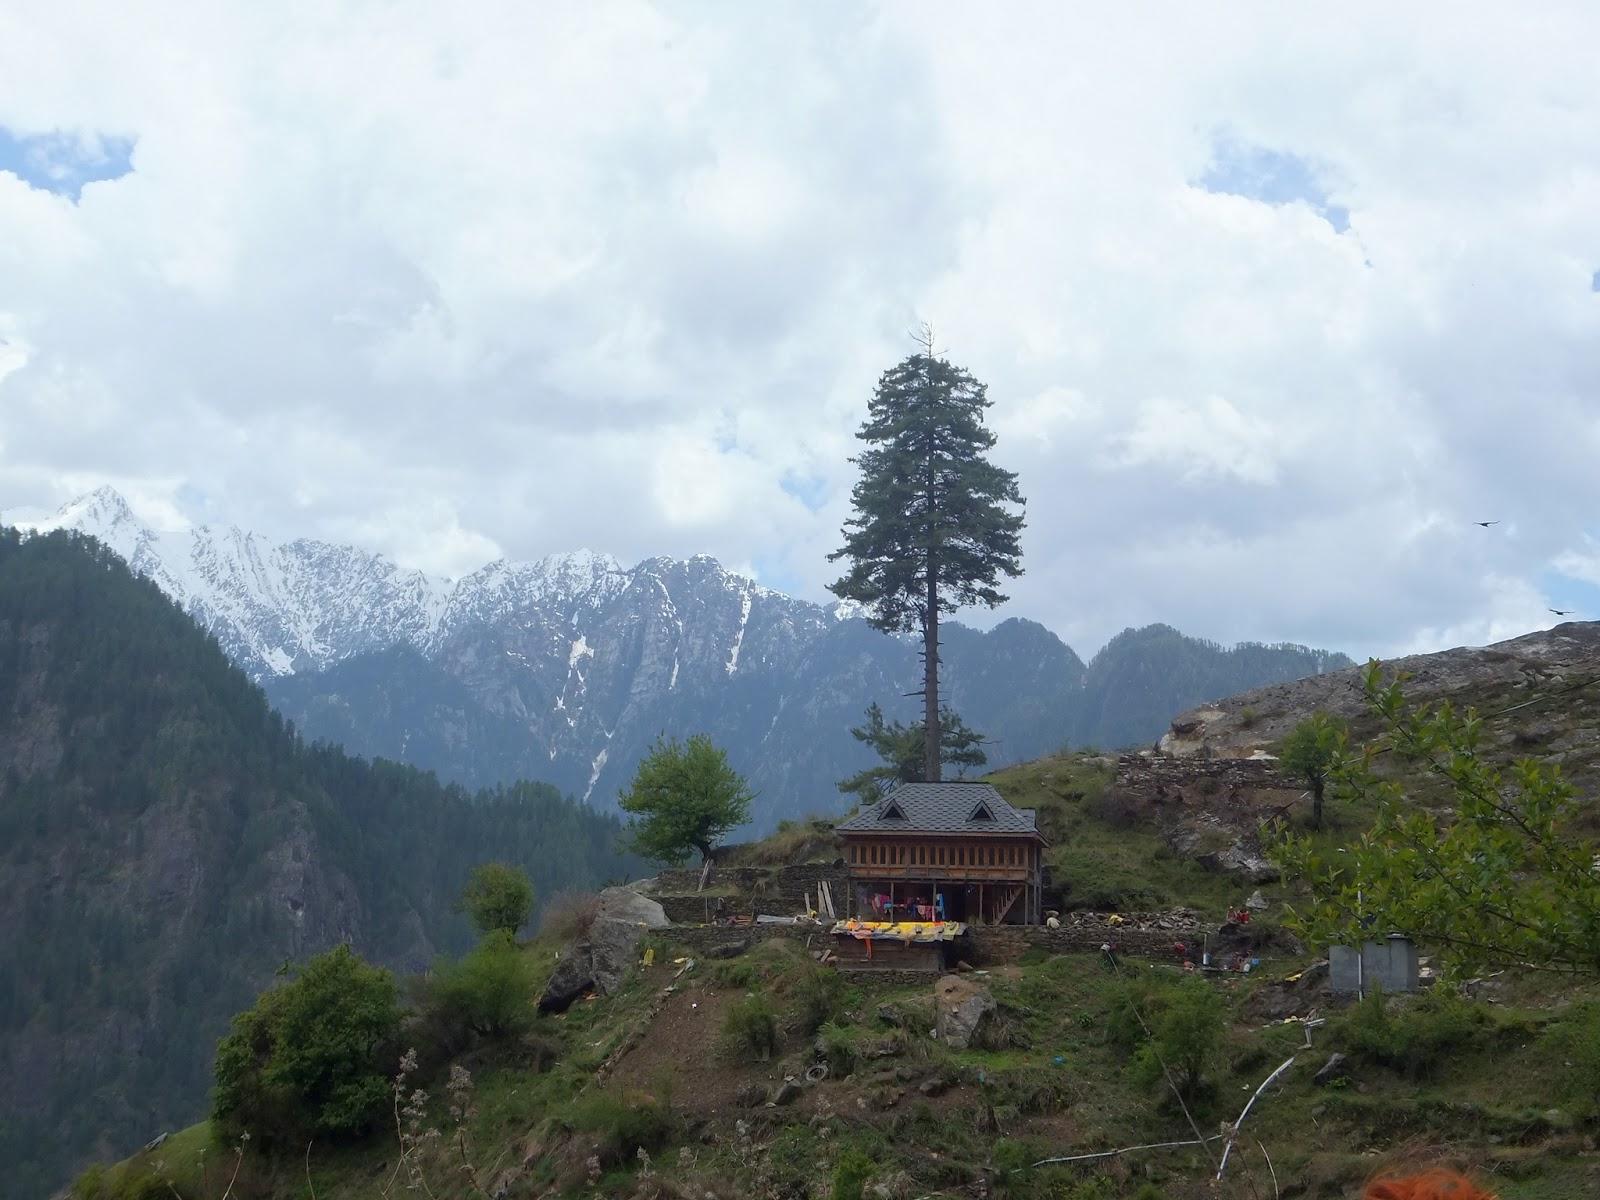 дом на склоне горы в Гималаях